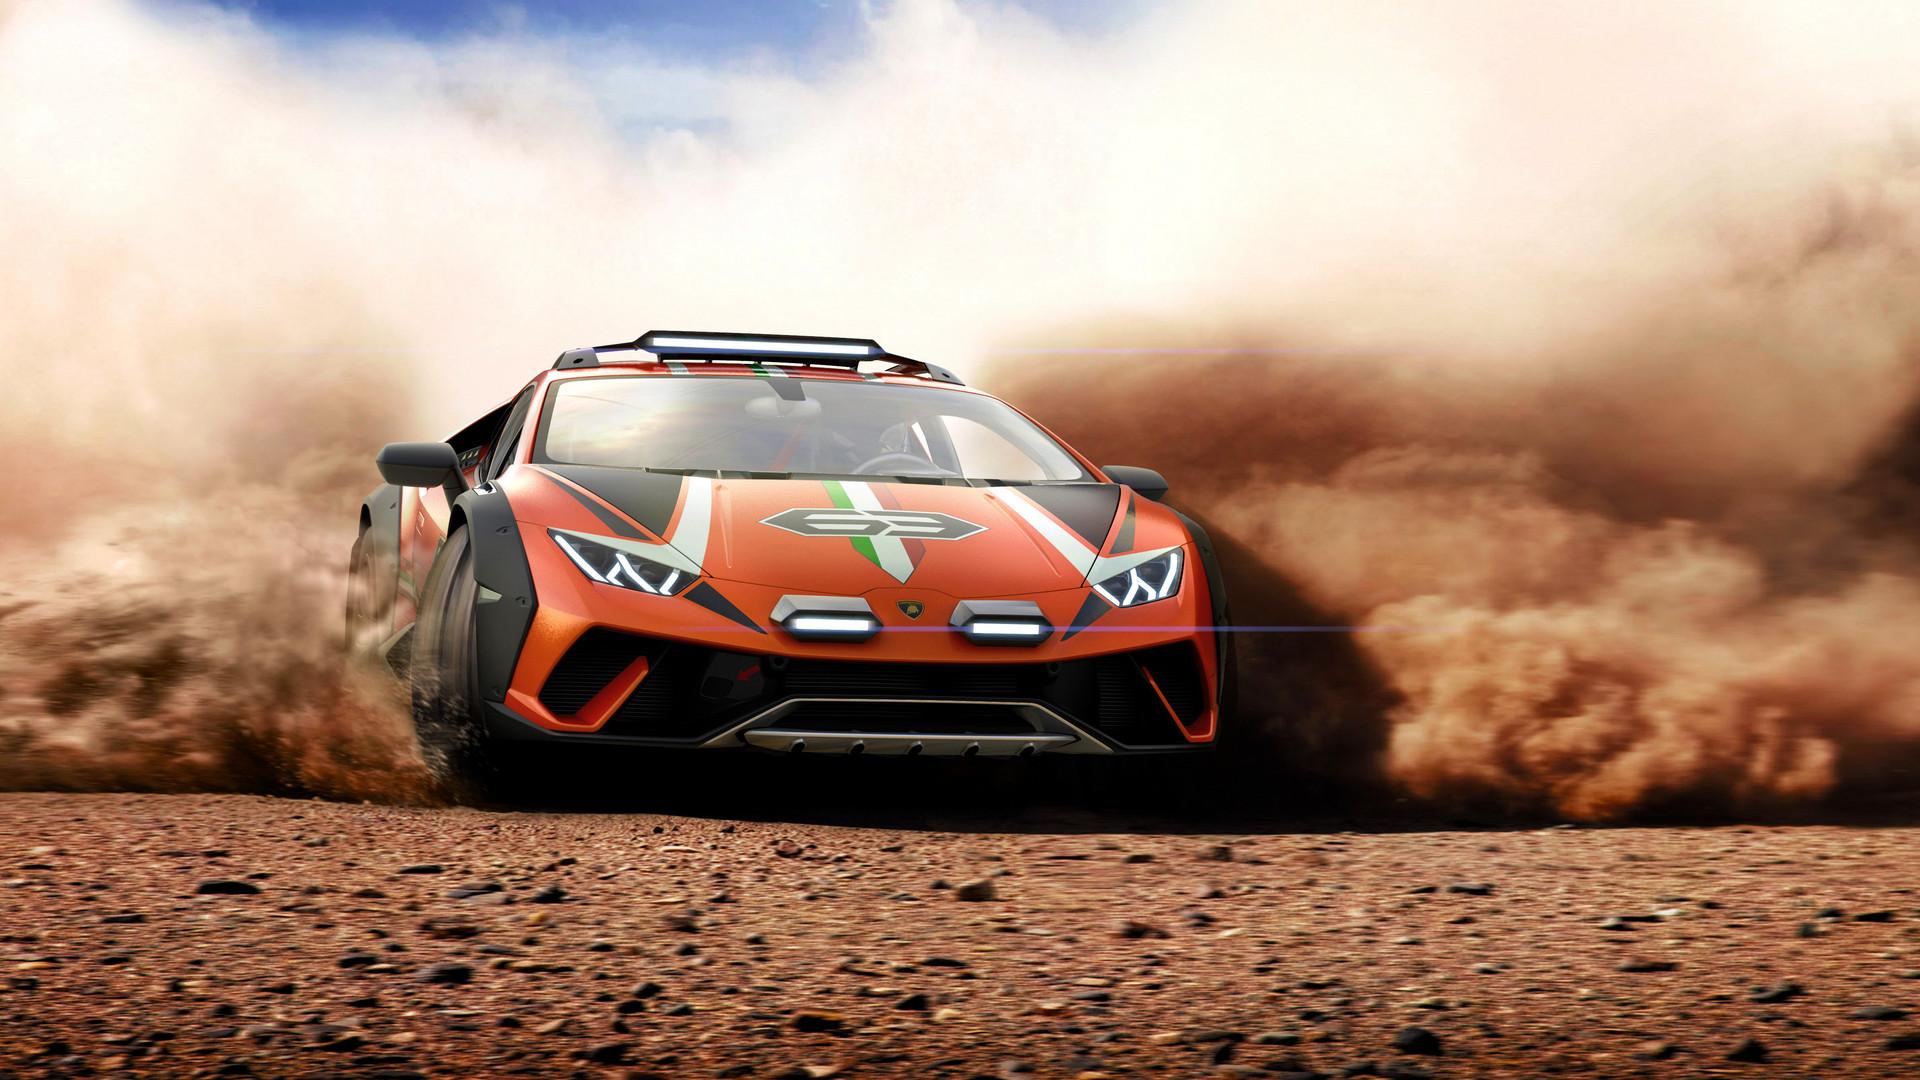 Lamborghini Huracan Sterrato Off-Road